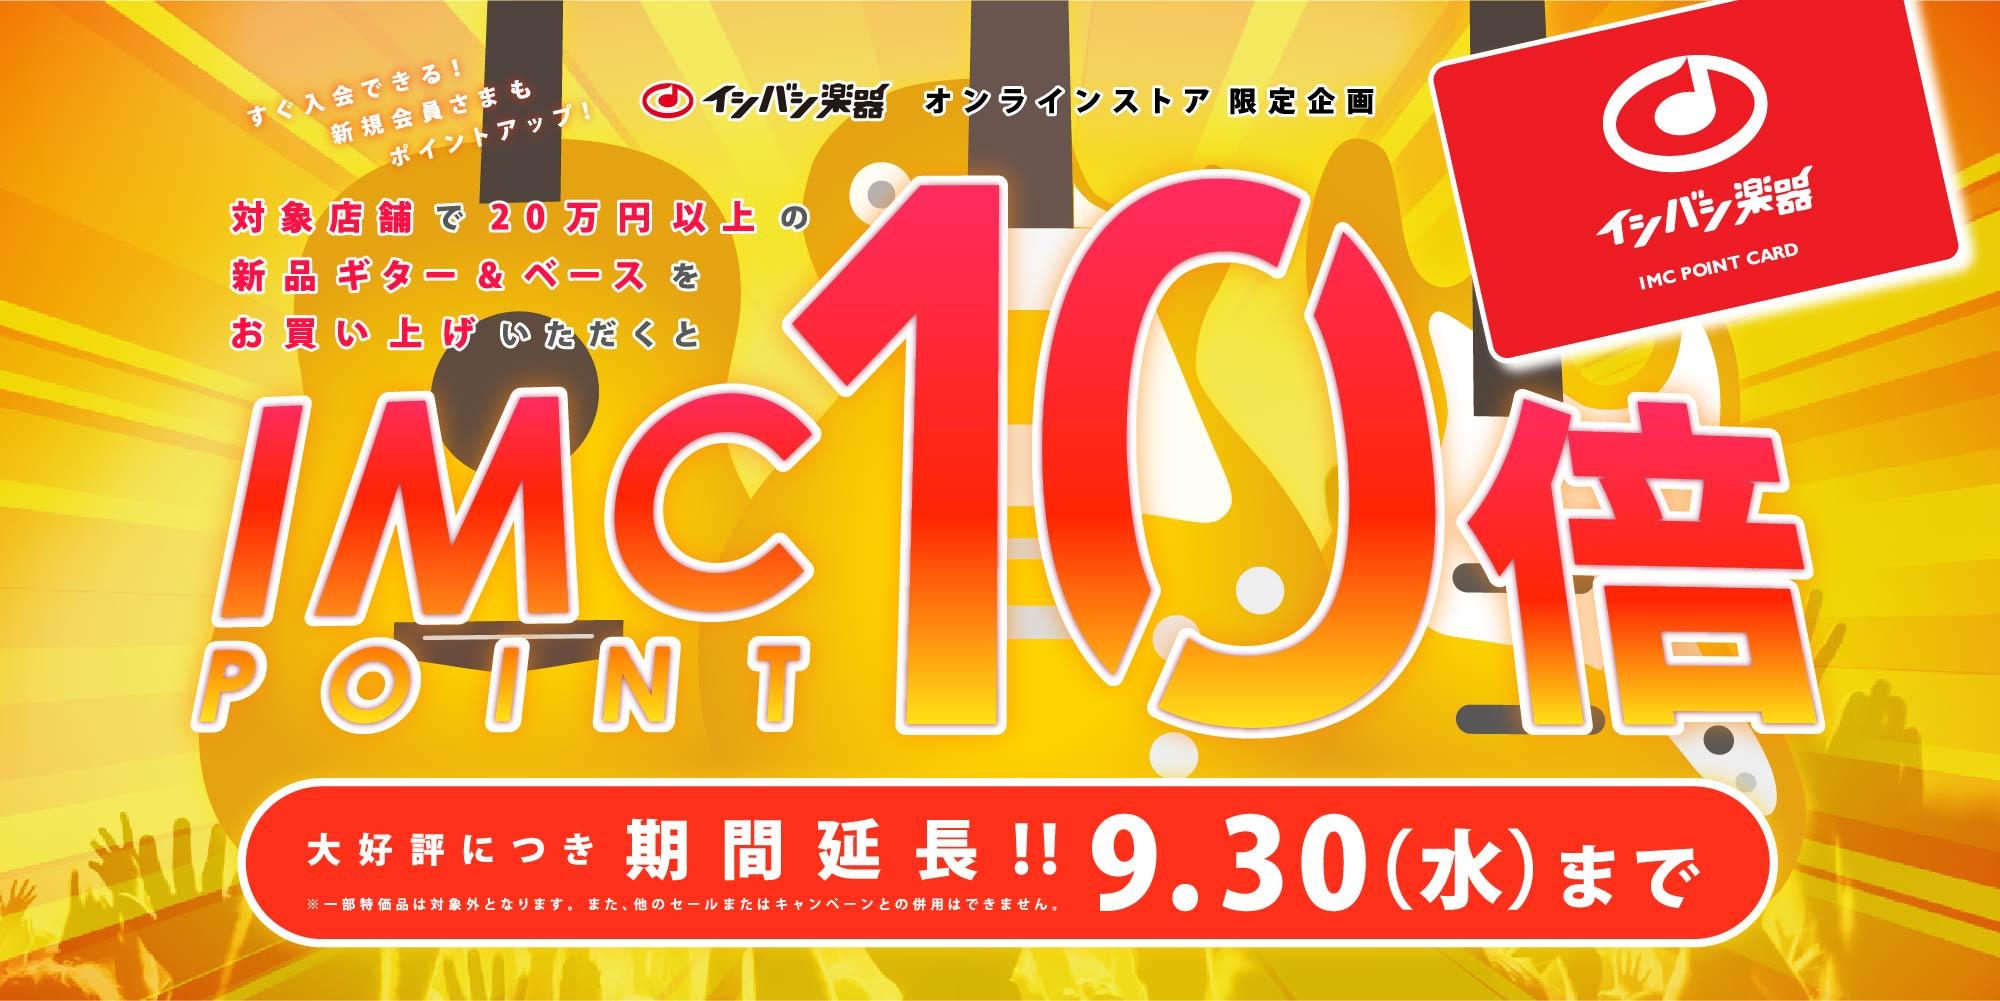 【オンラインストア限定企画】対象店舗で20万円以上の新品ギター&ベースをお買い上げいただくと、IMCポイント10倍!【イシバシ楽器】